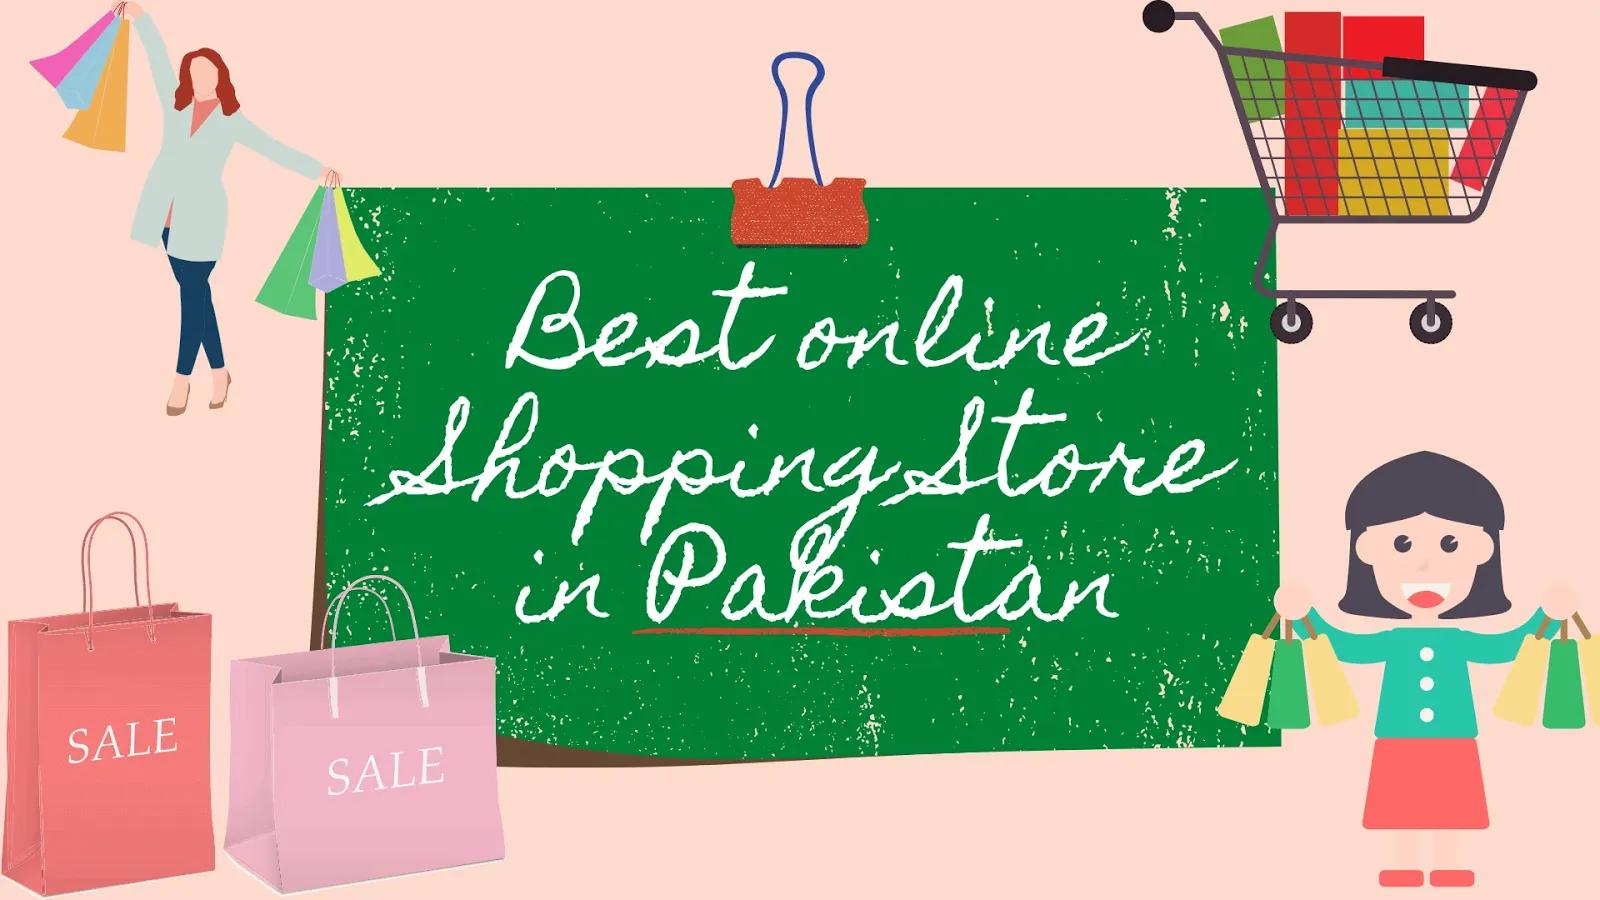 Best online shopping store in Pakistan in 2020